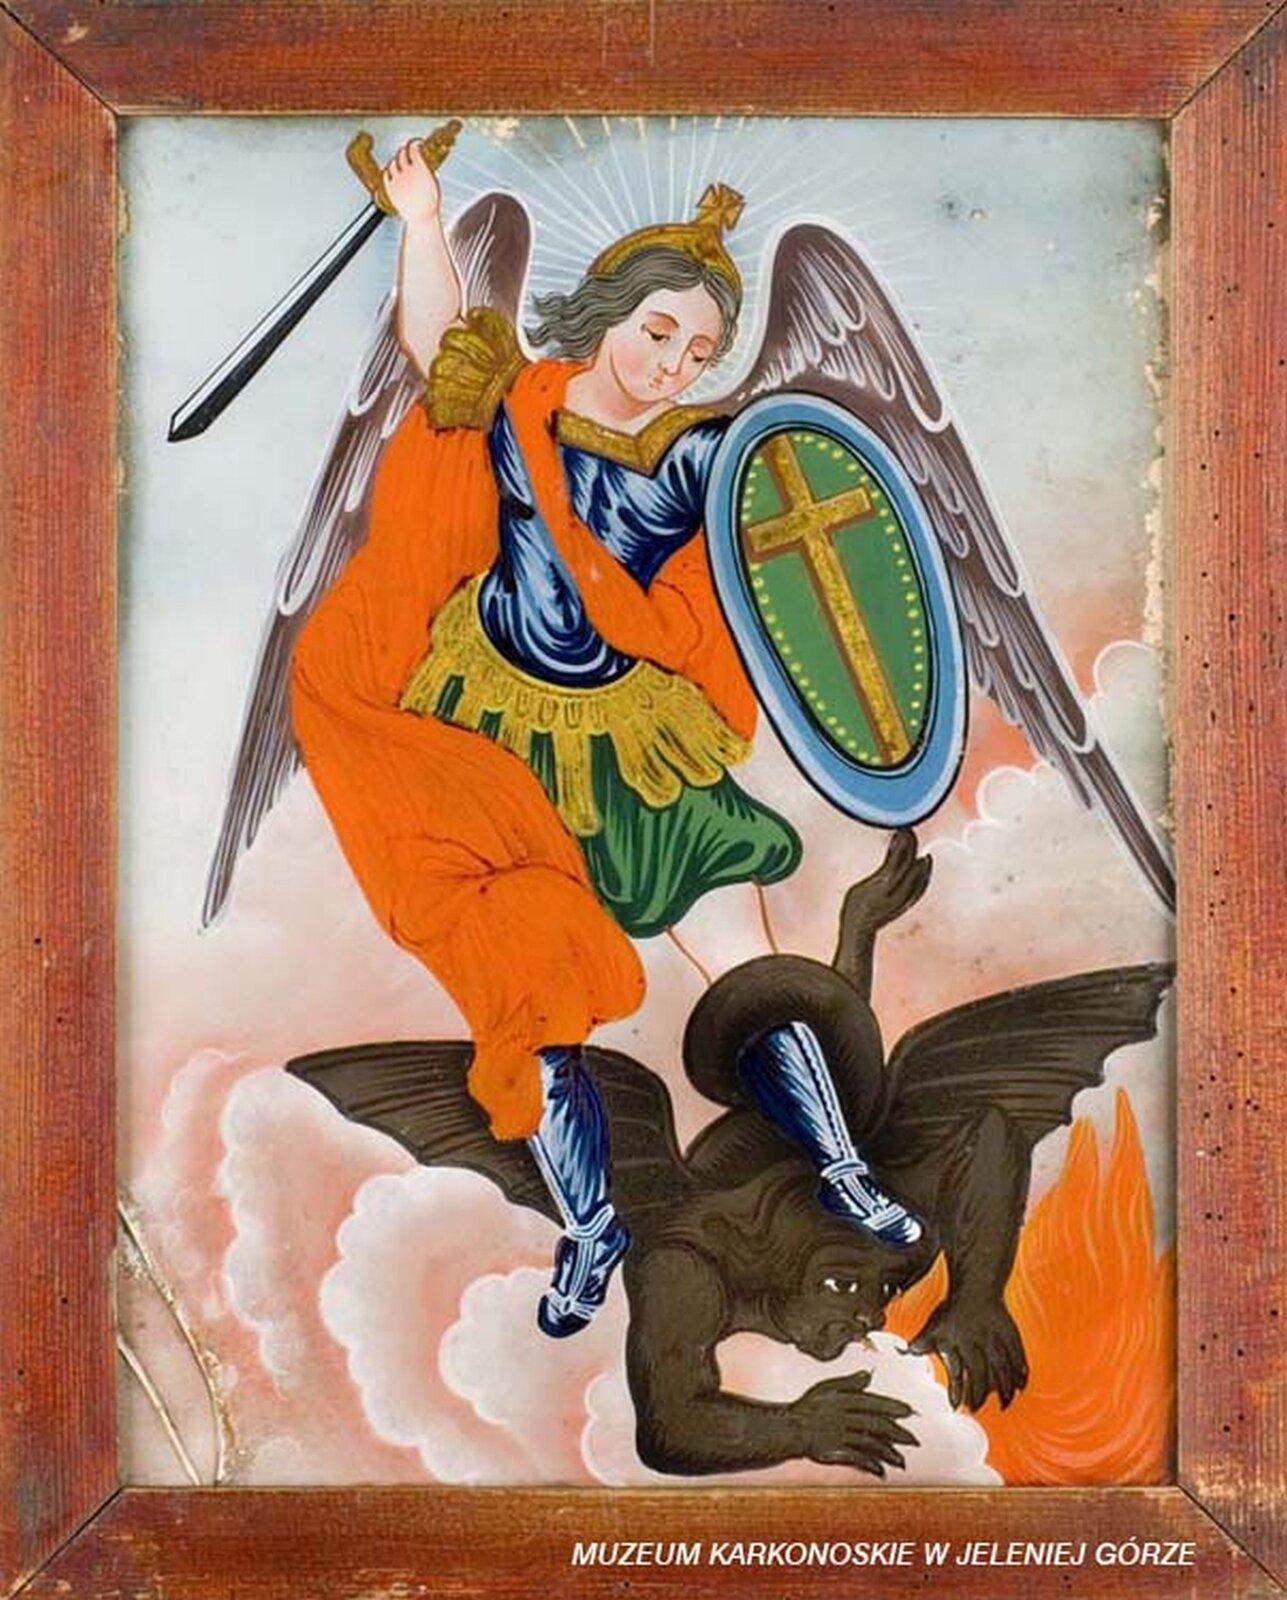 Ilustracja przedstawiająca malowidło na szkle, które ukazuje Michała Archanioła trzymającego wjednej dłoni tarczę zkrzyżem, awdrugiej uniesiony miecz iwalczącego zdiabłem, który znajduje się między jego stopami. Na jego zbroi znajduje się czerwony płaszcz. Diabeł upodobniony jest do smoka. Scena ma miejsce pośród chmur, zza których wdolnej części wydobywają się płomienie.